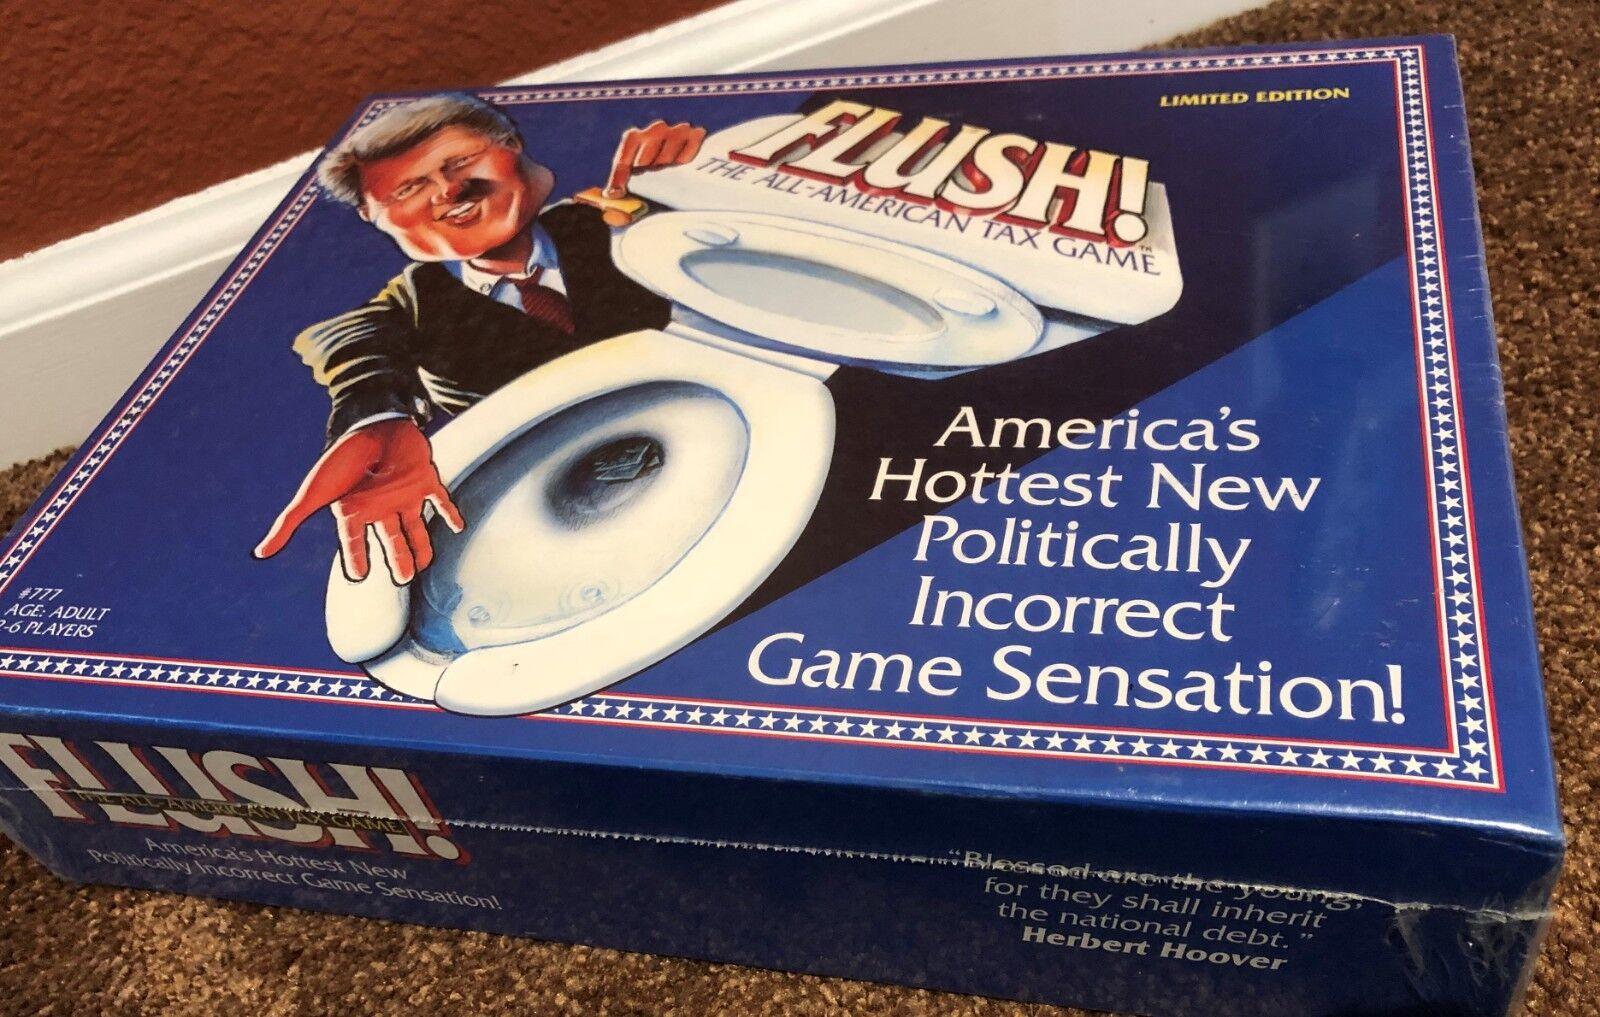 i nuovi stili più caldi Nuovo Nuovo Nuovo Sealed FLUSH  tutti-American Tax tavola gioco  Clinton  Limited edizione  Rare  ordina ora i prezzi più bassi